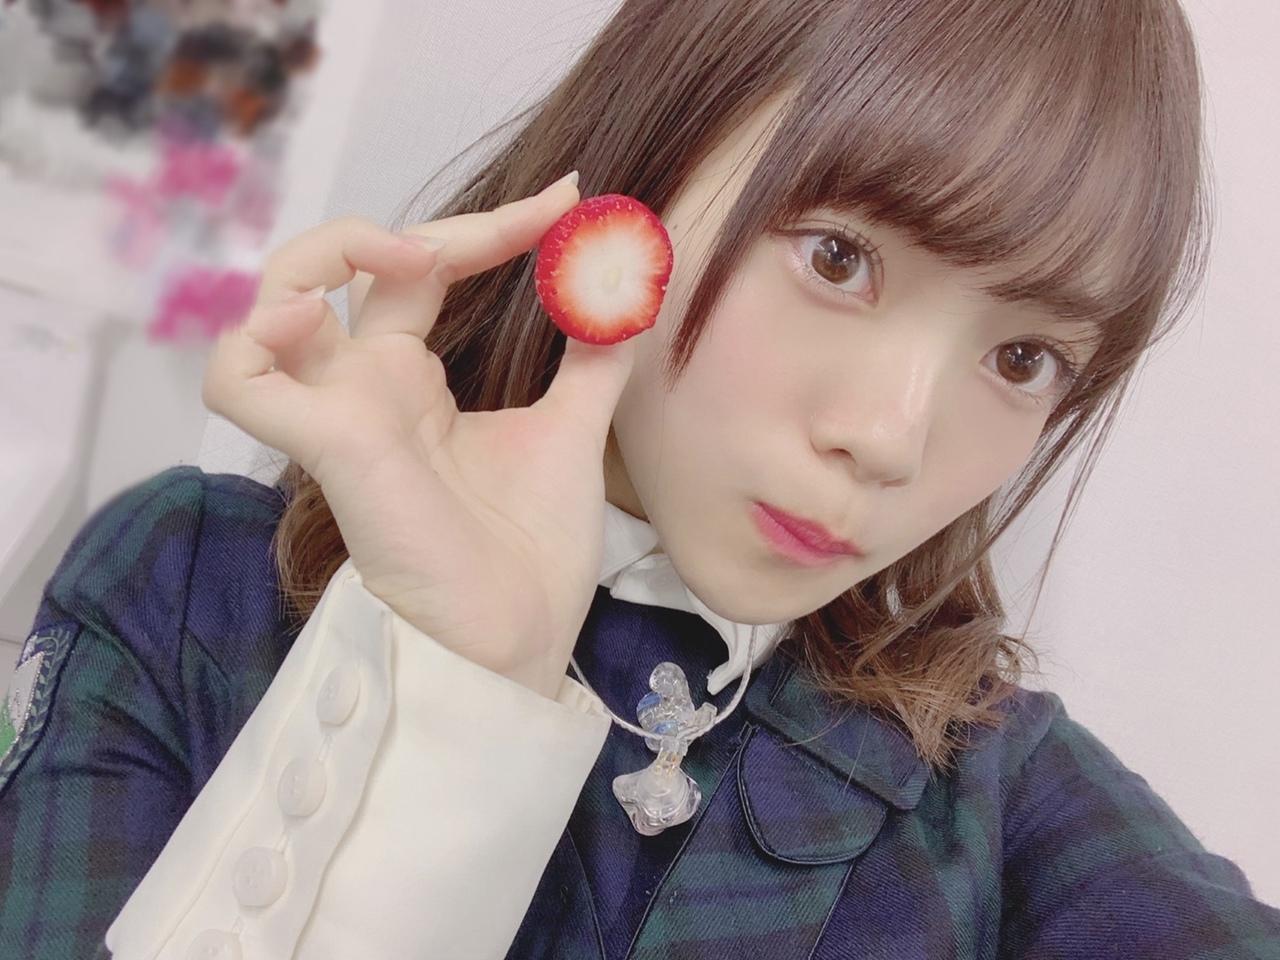 日向坂46メンバーブログまとめ2019年3月10日